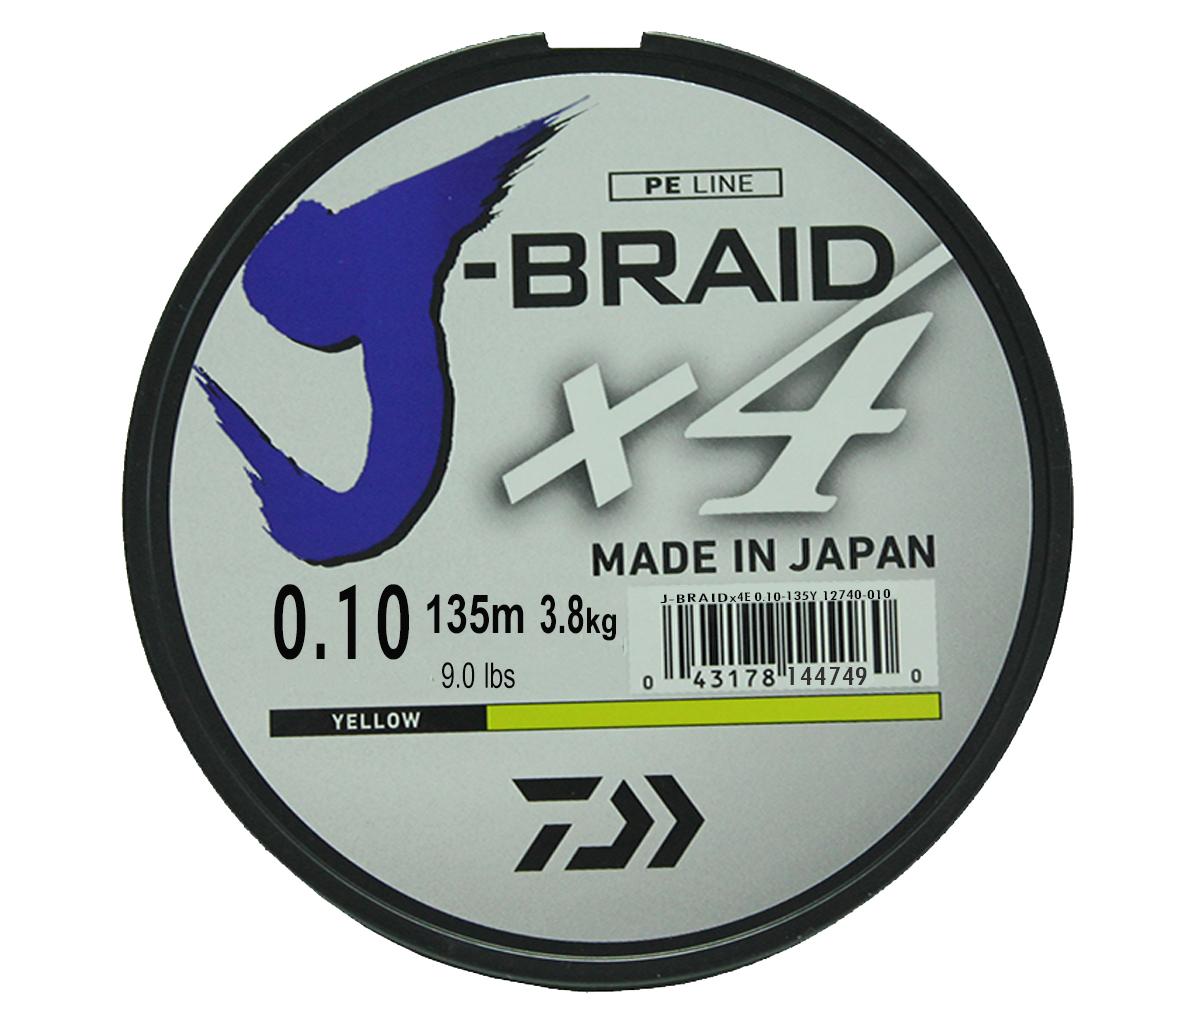 Шнур плетеный Daiwa J-Braid X4, цвет:флуоресцентный желтый, 135 м, 0,10 ммPGPS7797CIS08GBNVНовый 4х жильный шнур J-Braid, DAIWA - шнур высокого класса с удивительным соотношением цены и качества. Качество плетения полностьюсоответствует японским стандартам и удовлетворяет всем требованиям. Представленные диаметры позволяют использовать шнур для всех техникловли, начиная от ultra- light ловли окуня, до морской ловли палтуса, трески и т.д